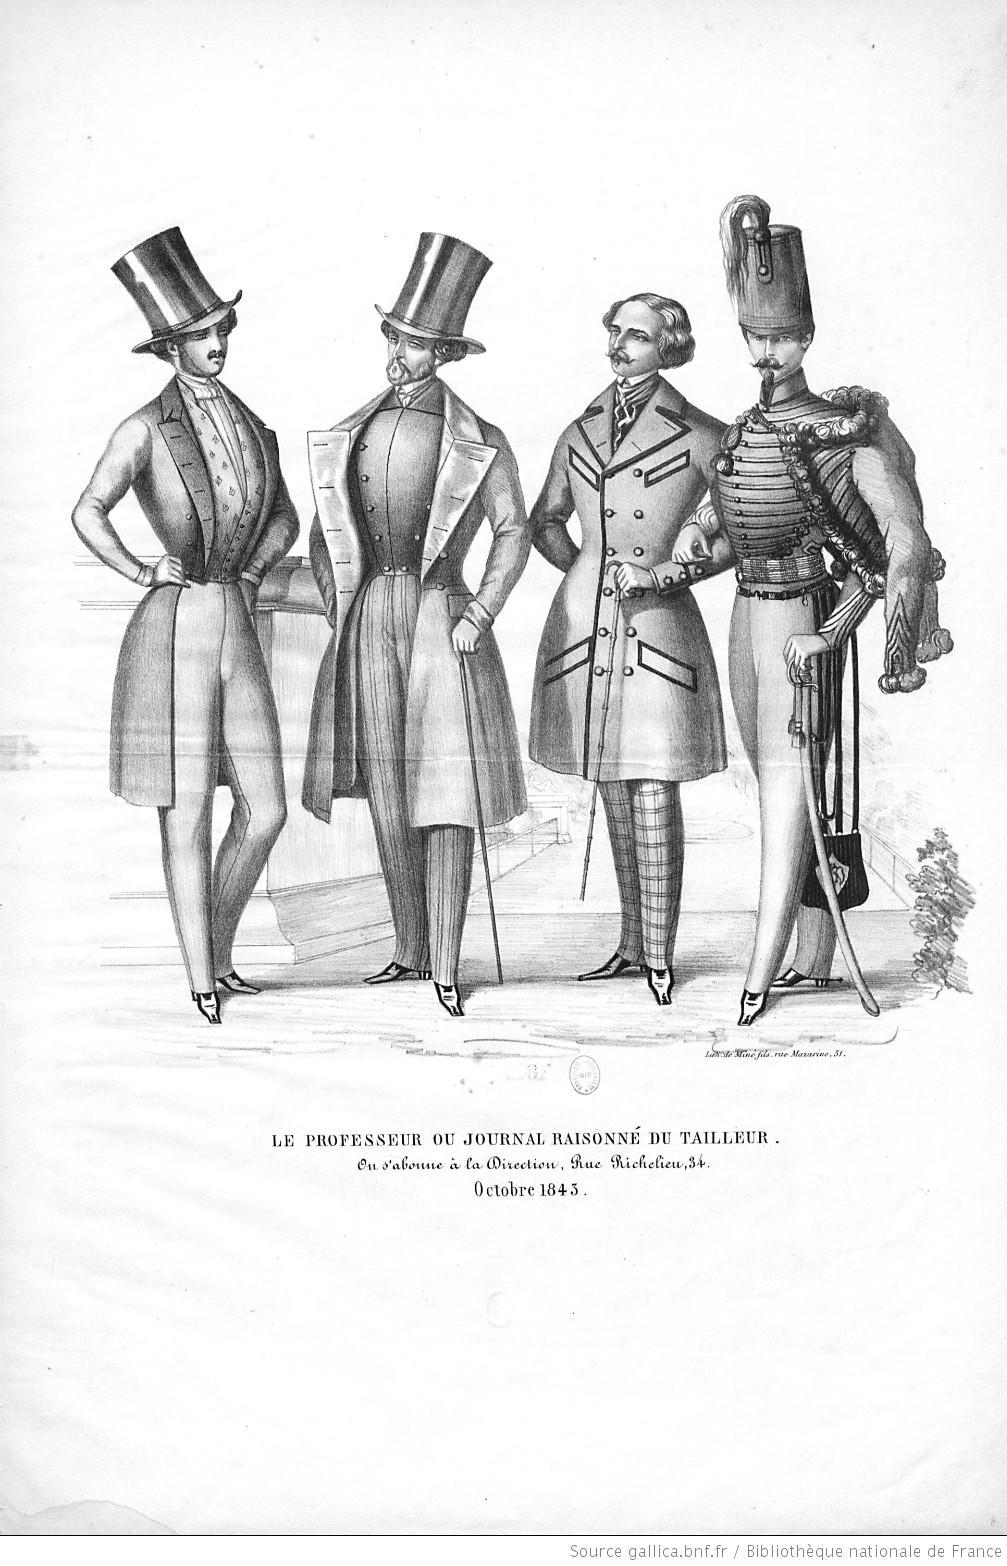 Journal raisonné du tailleur 1843